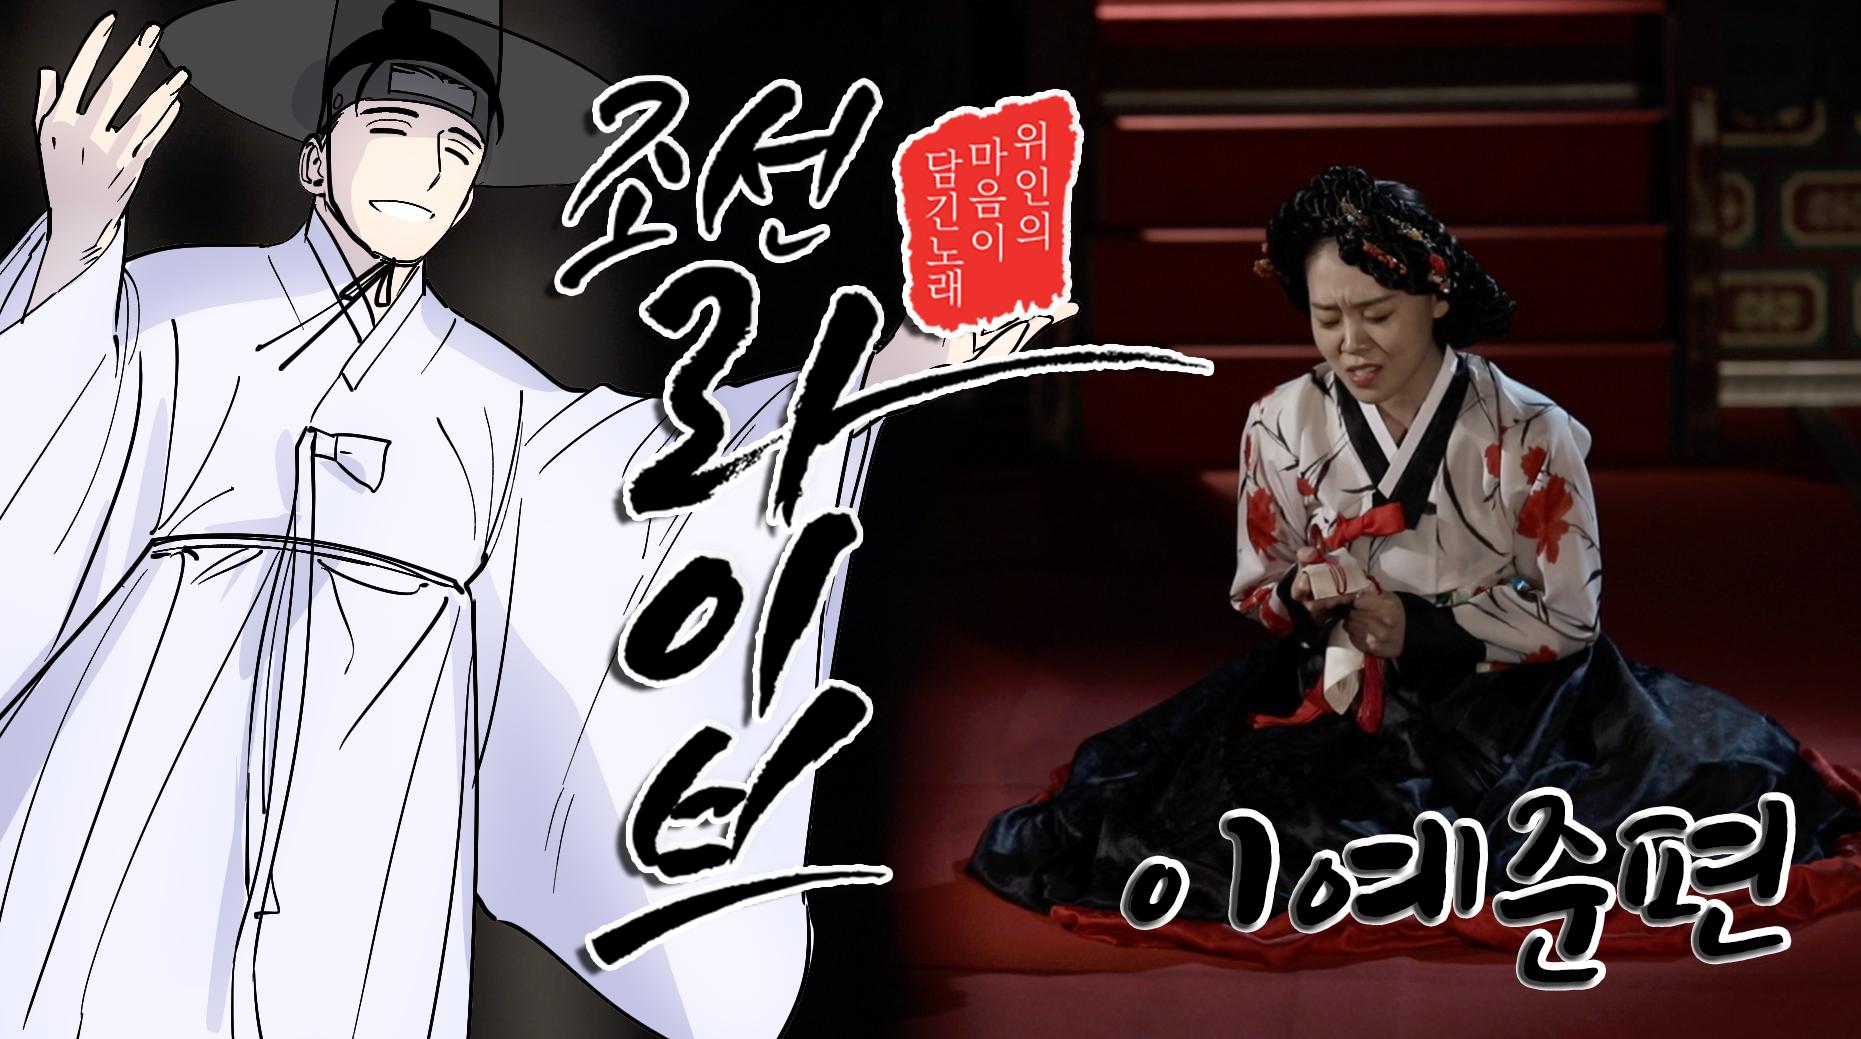 [조선라이브] 계월향 편 : 이예준 - 눈물 (원곡 리아)